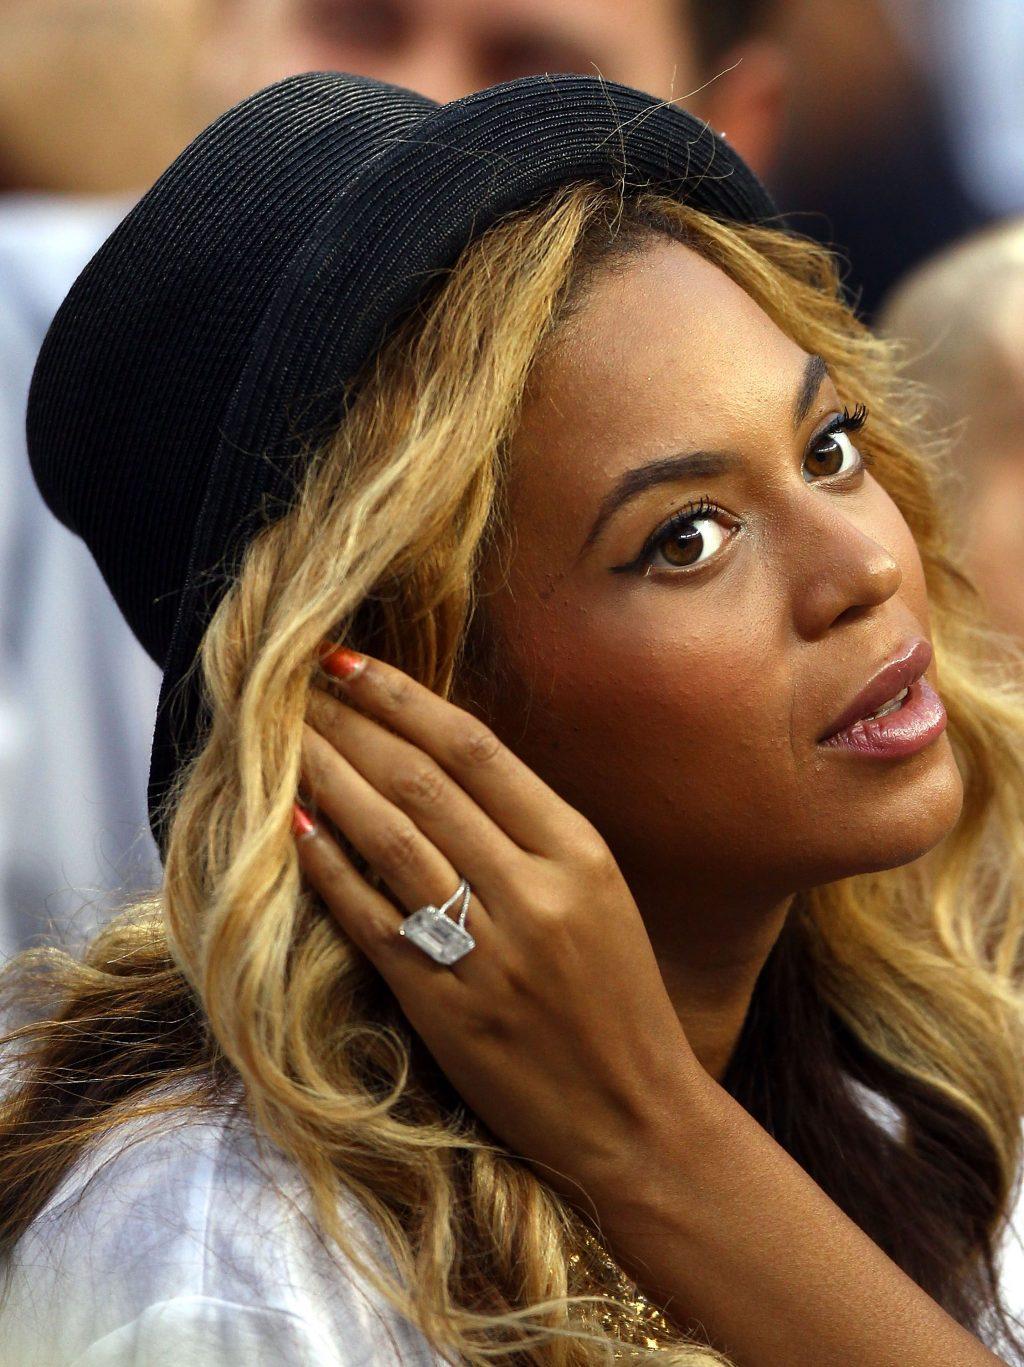 nhẫn đính hôn triệu đô của nữ ca sĩ Jennifer Lopez 6